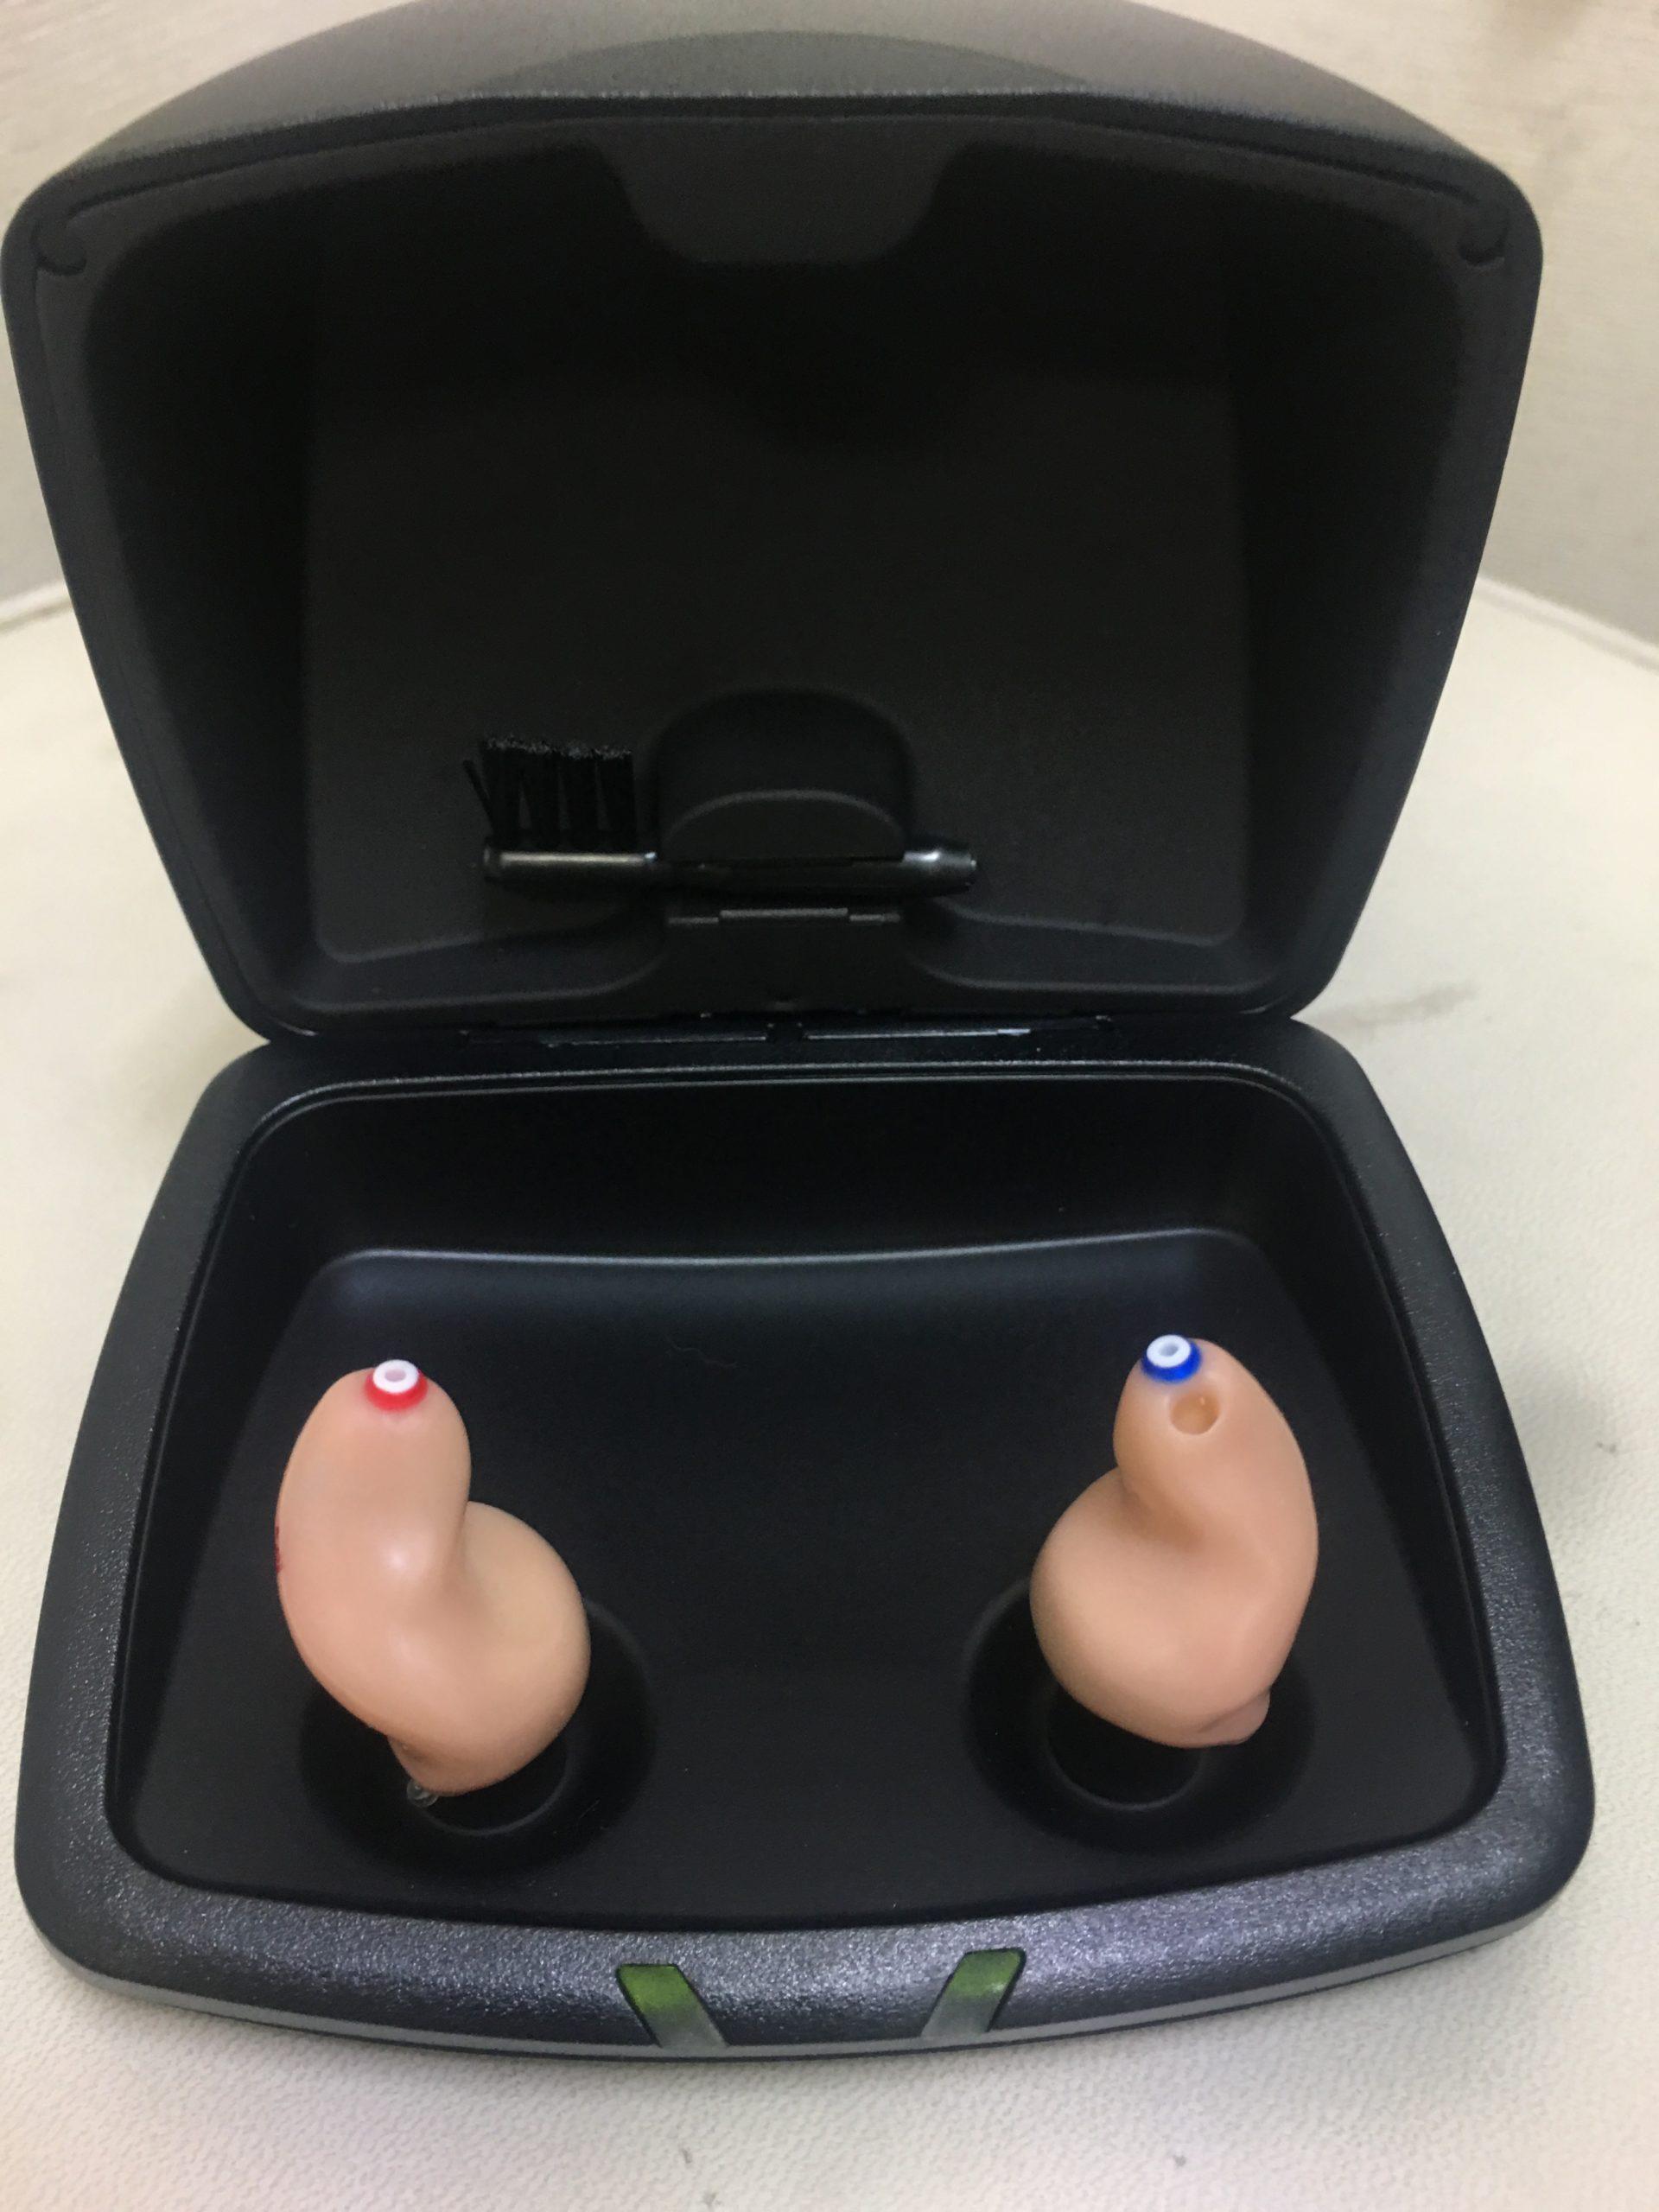 スターキー補聴器Livio充電式オーダーメイド補聴器来週お渡しします